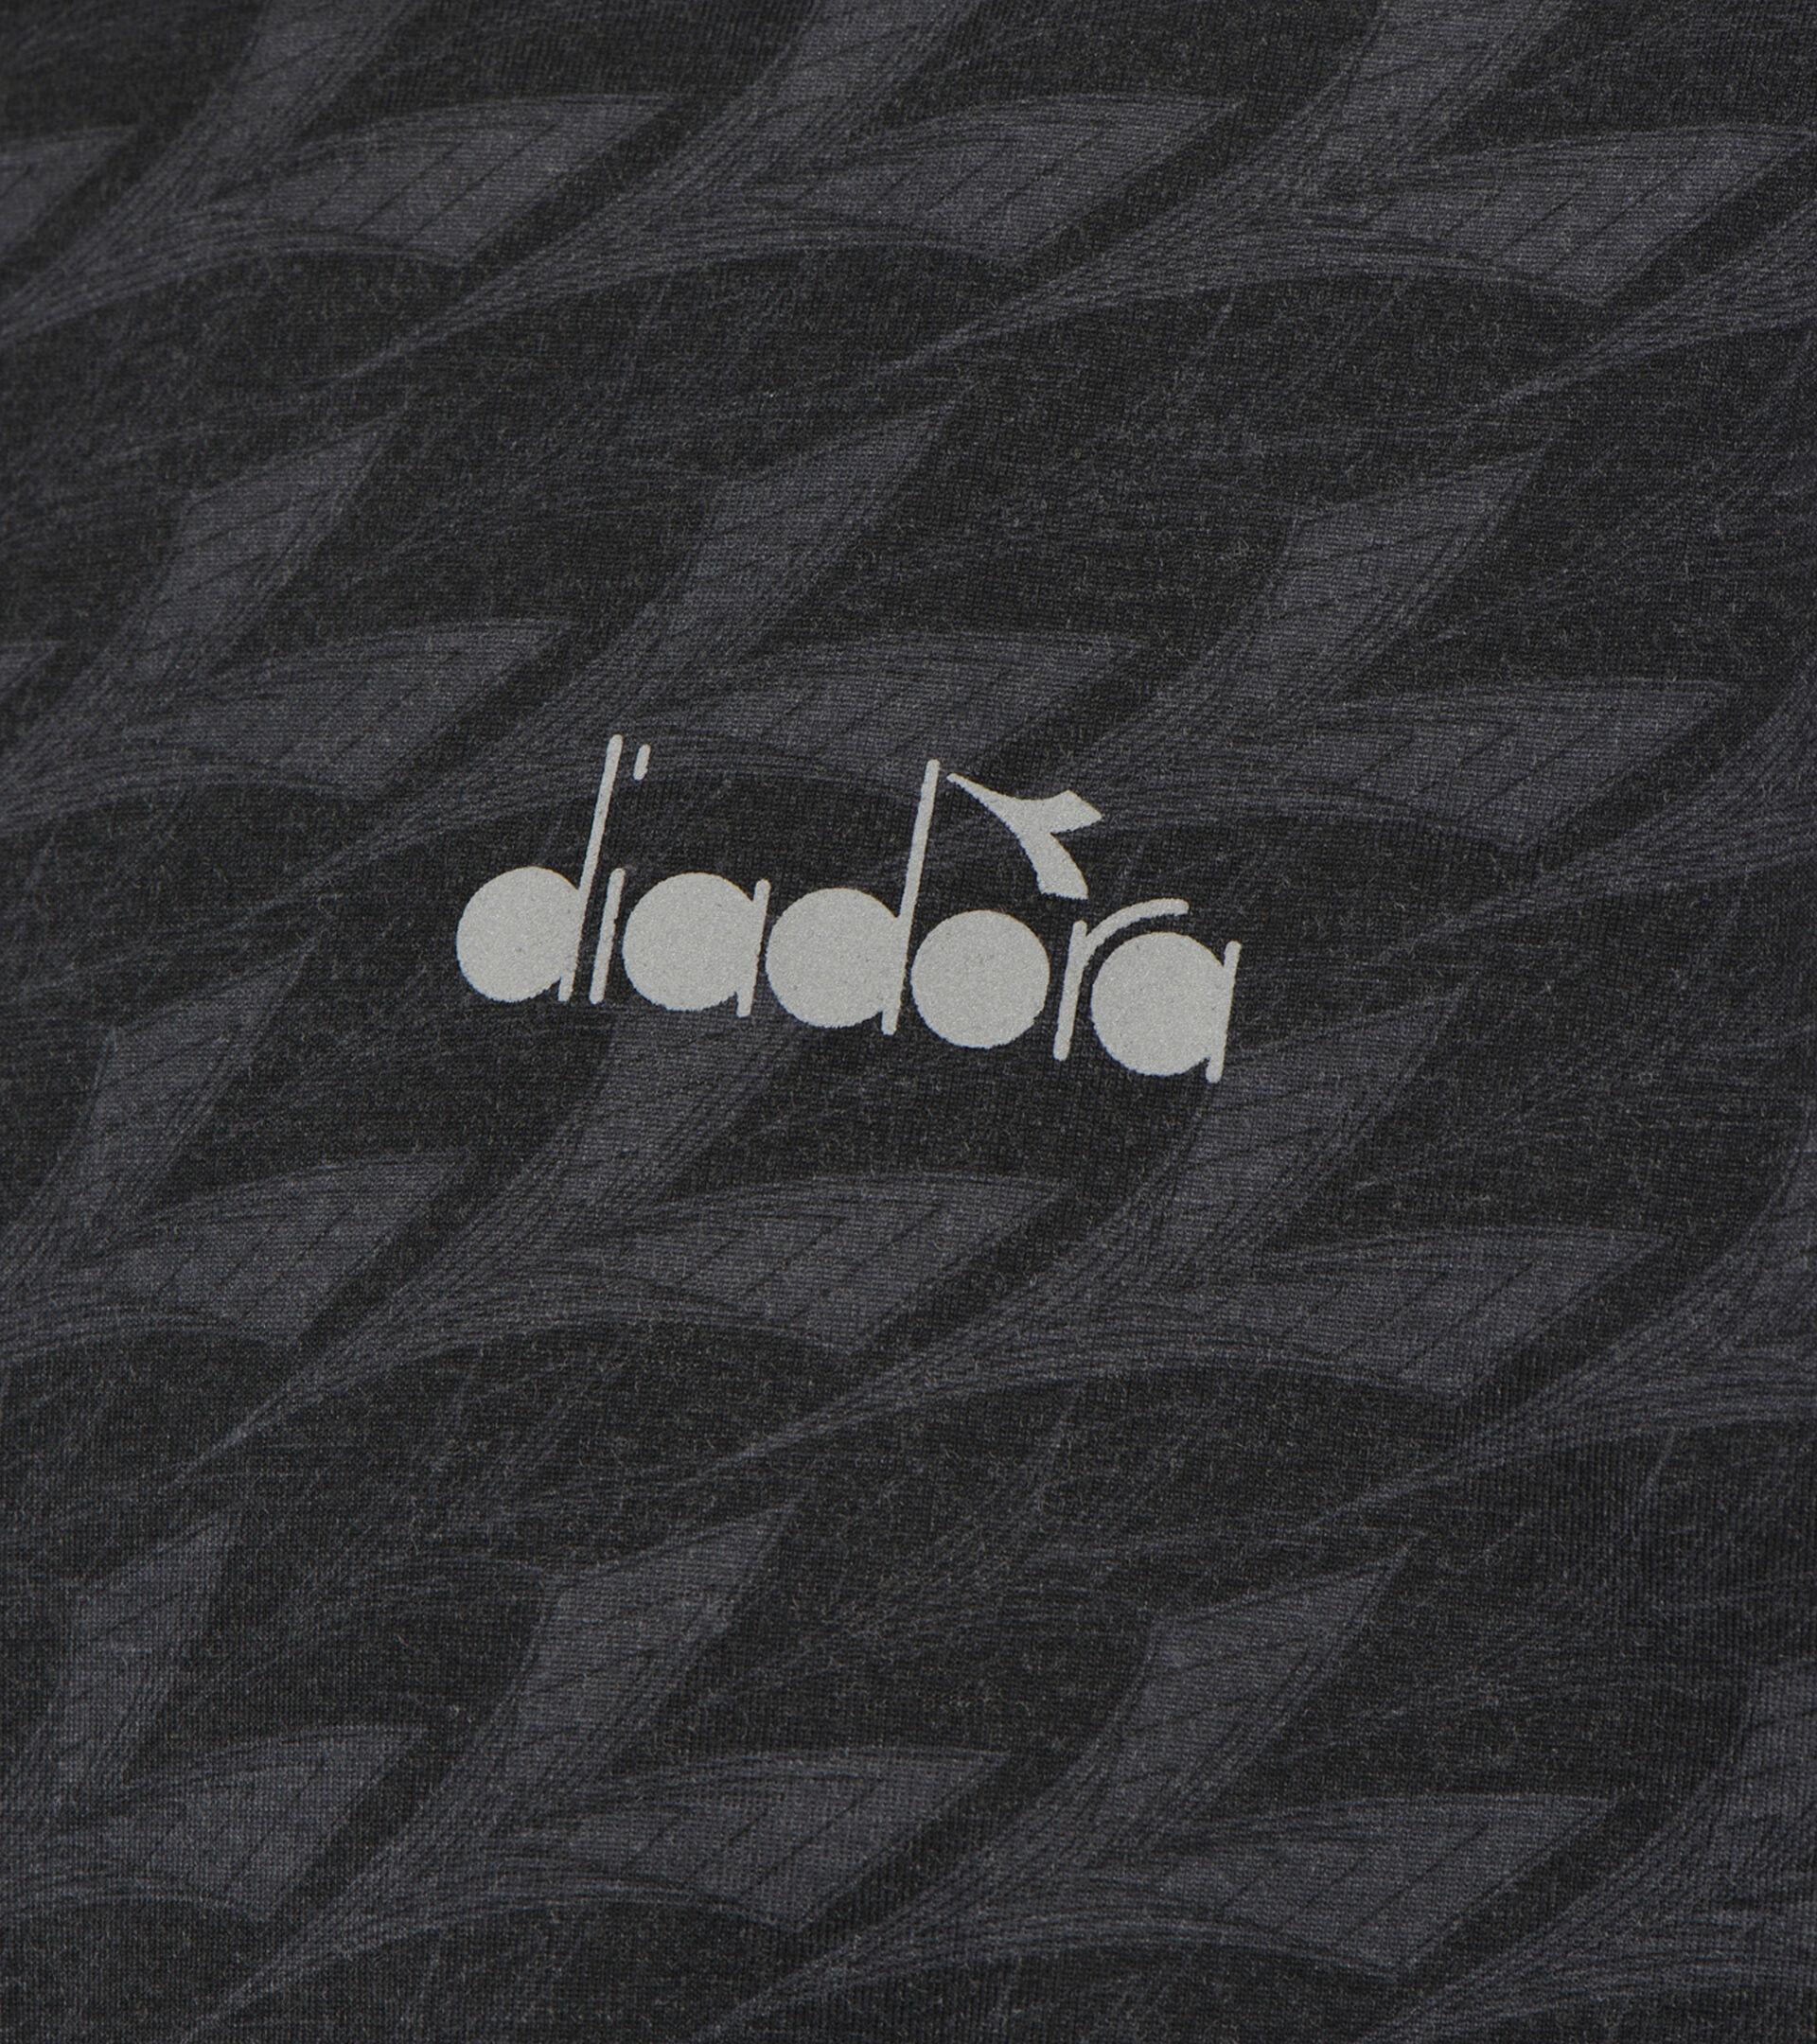 T-shirt sport - Uomo SS T-SHIRT PLUS BE ONE ALL OVER NERO - Diadora